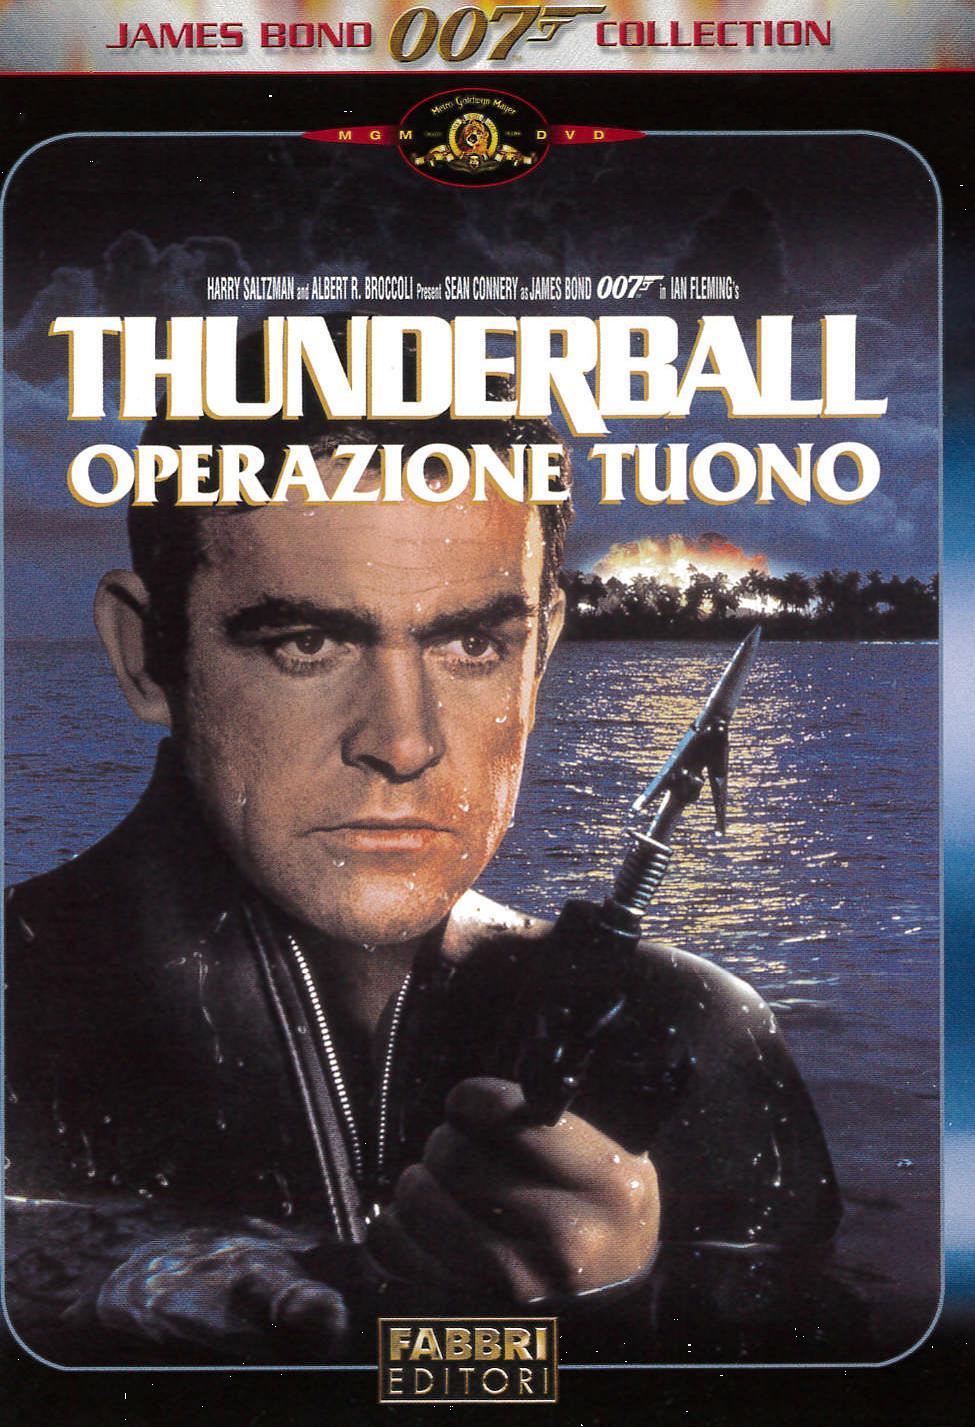 007 - THUNDERBALL - OPERAZIONE TUONO (DVD)